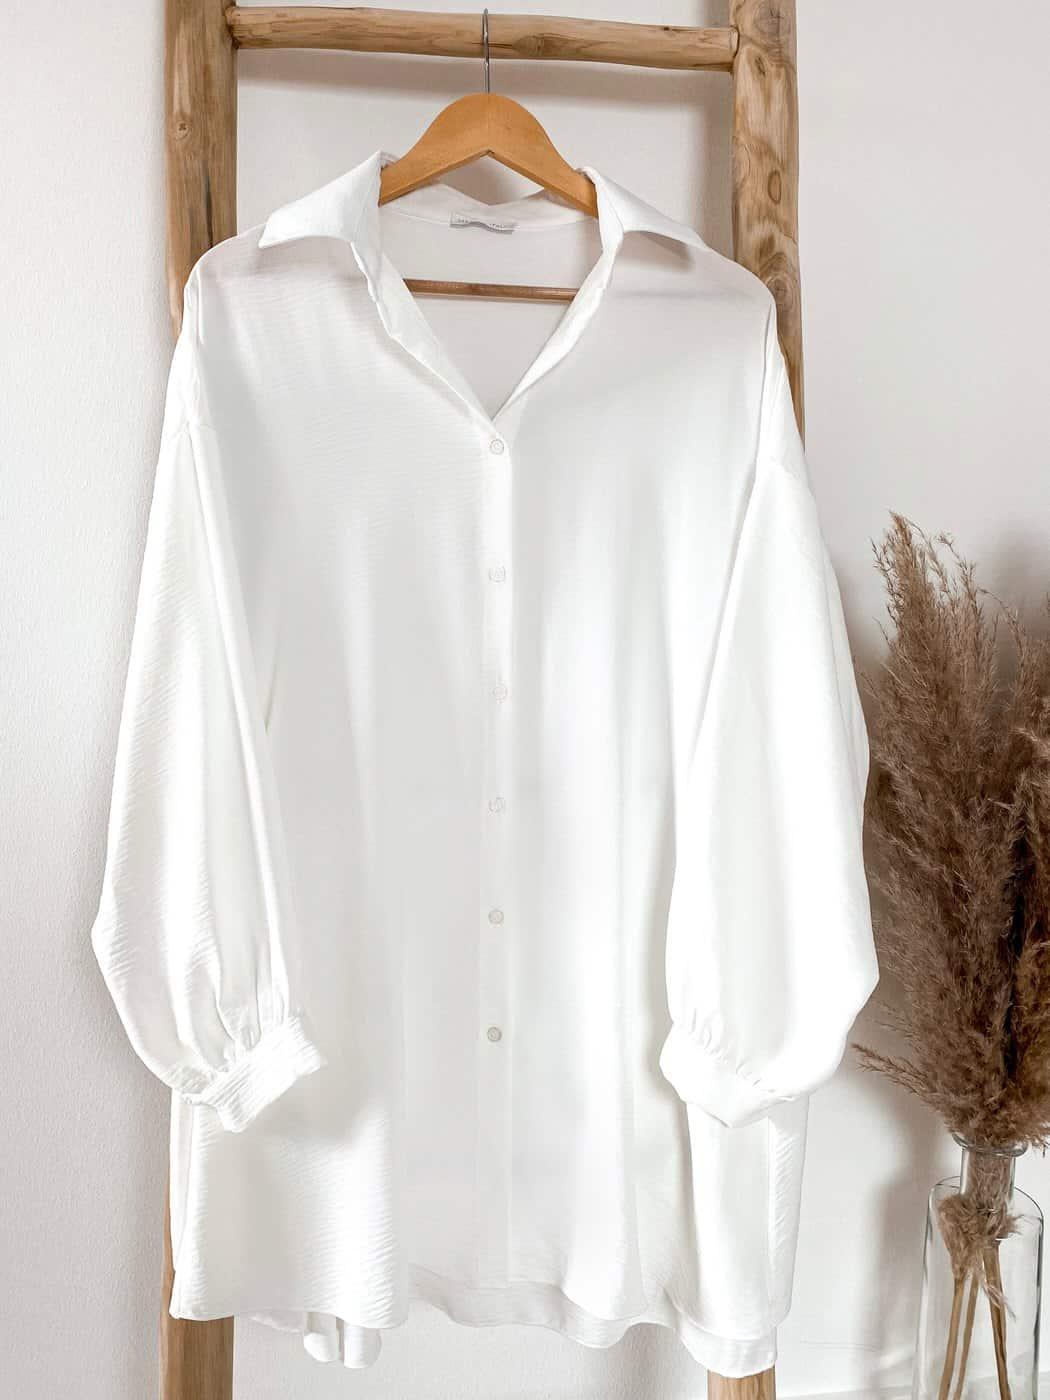 Locker geschnittene Bluse mit Knöpfen - Vazzola Fashion Online Shop